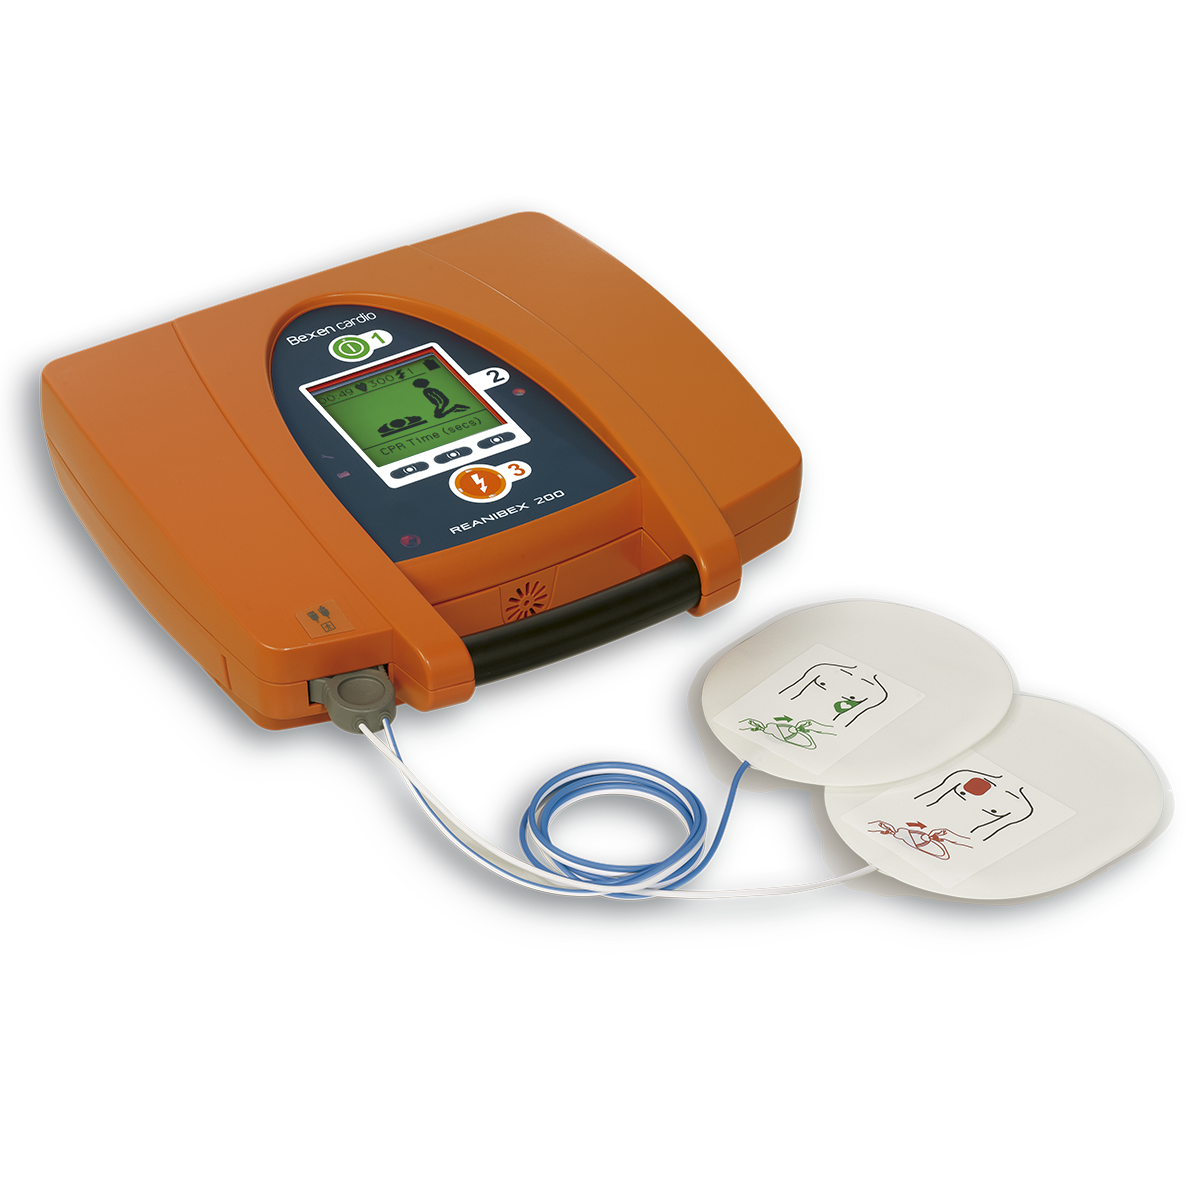 Desfibrilador Reanibex 200 con cable y electrodos para adultos